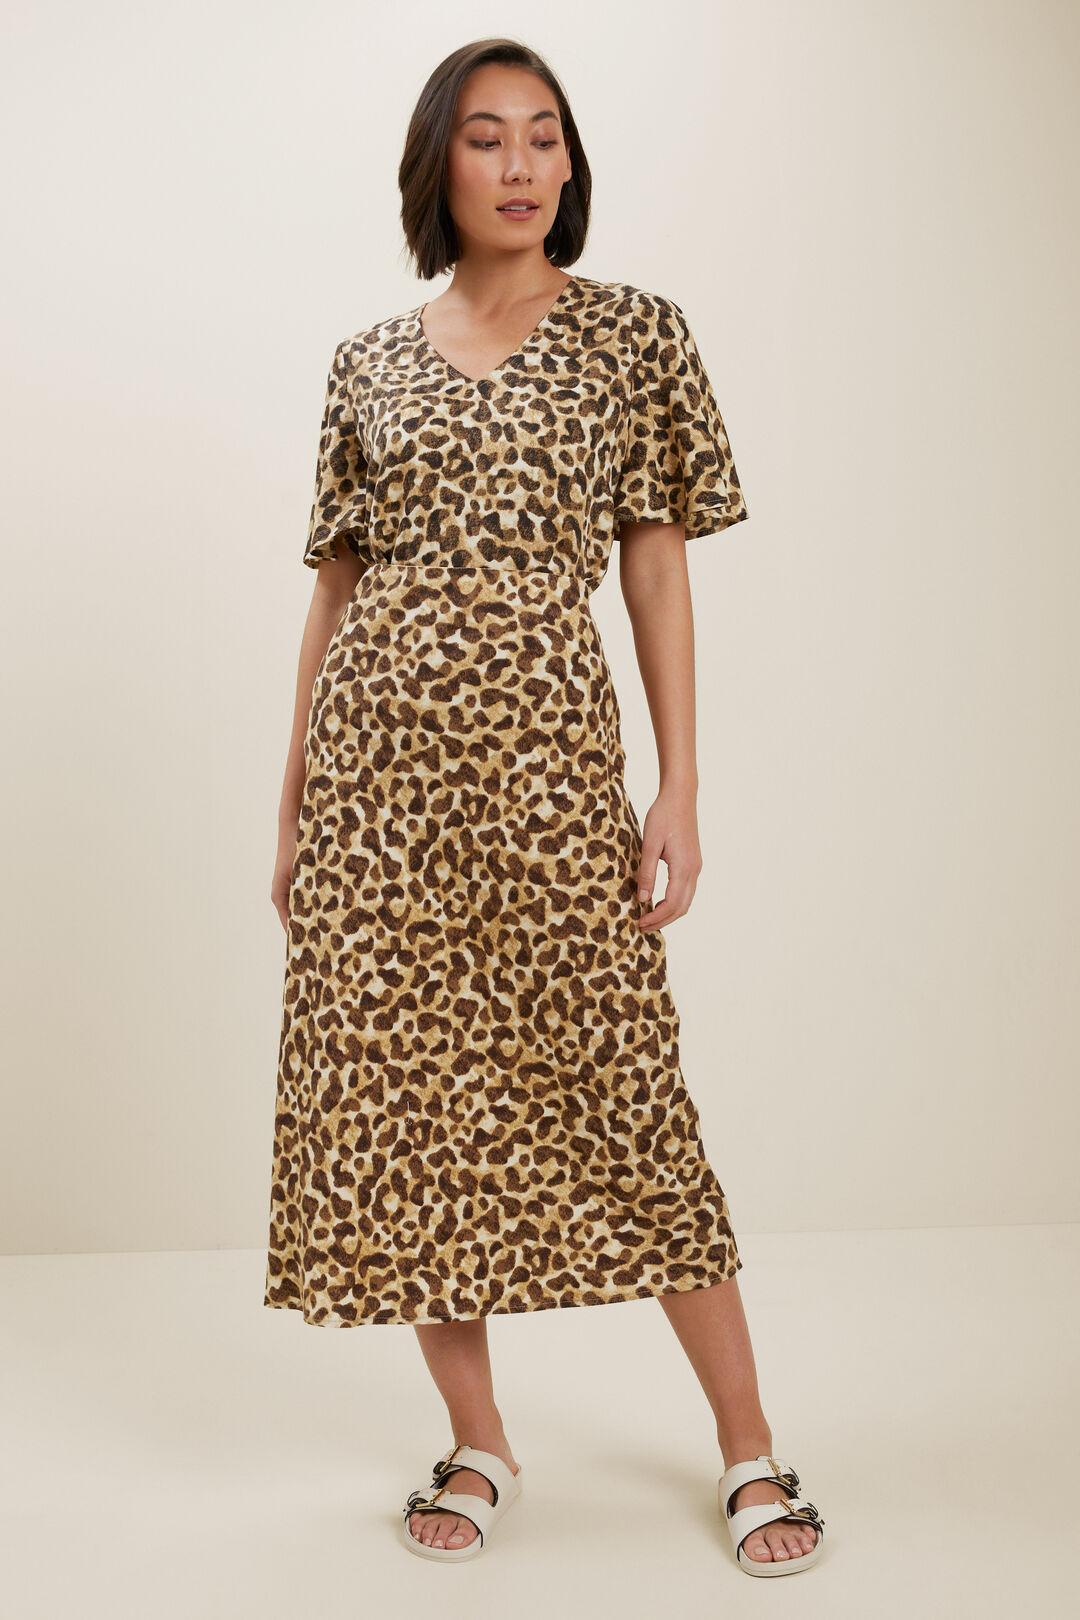 Leopard Flutter SleeveBlouse  LEOPARD  hi-res